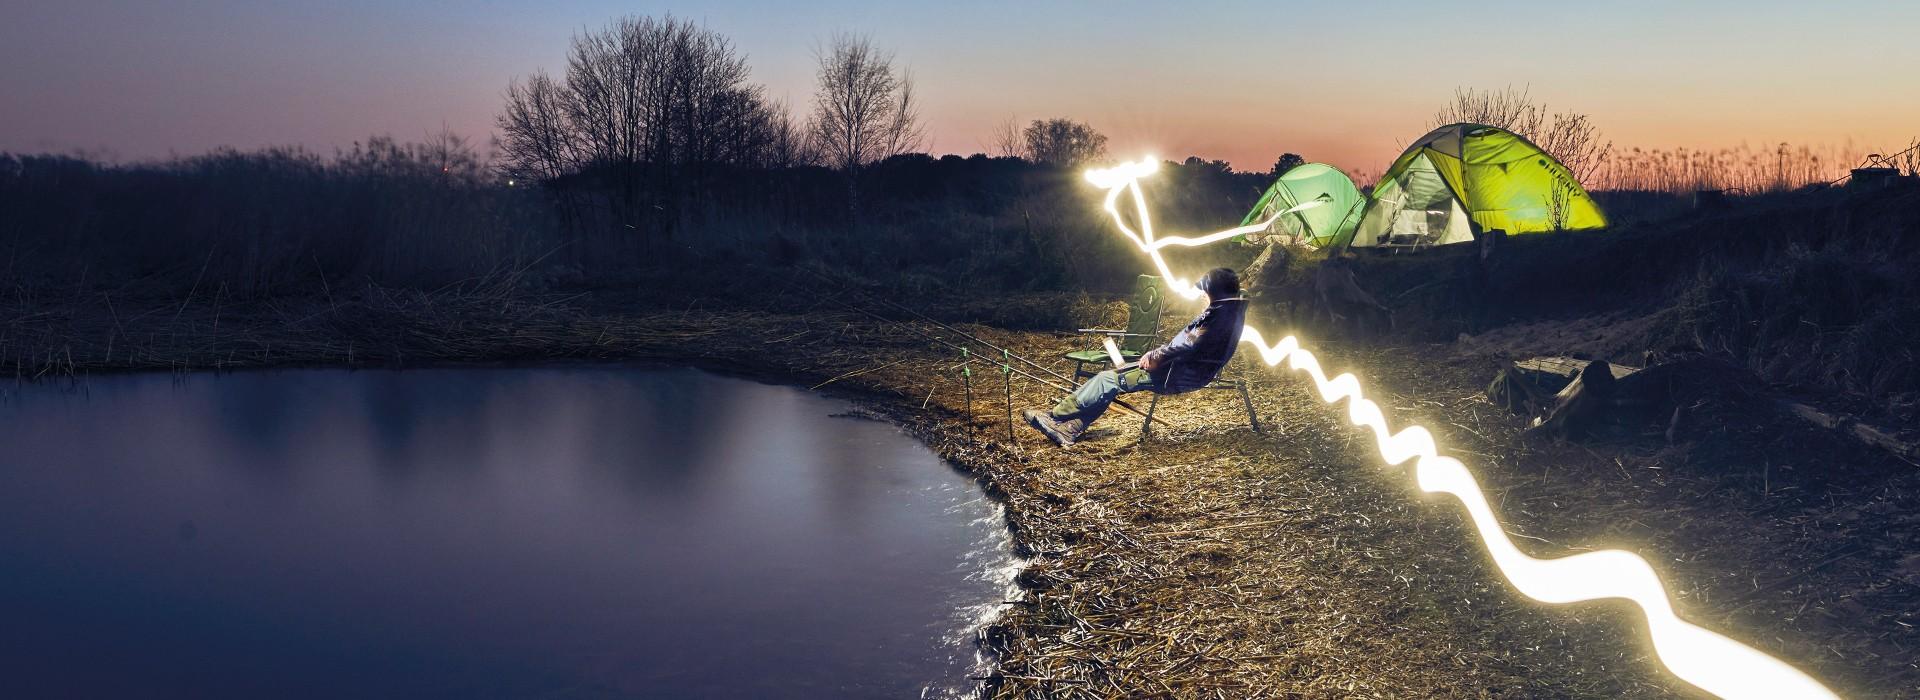 Ліхтар з павербанком Deeper Power LanternНехай ваш відпочинок на природі буде яскравішим